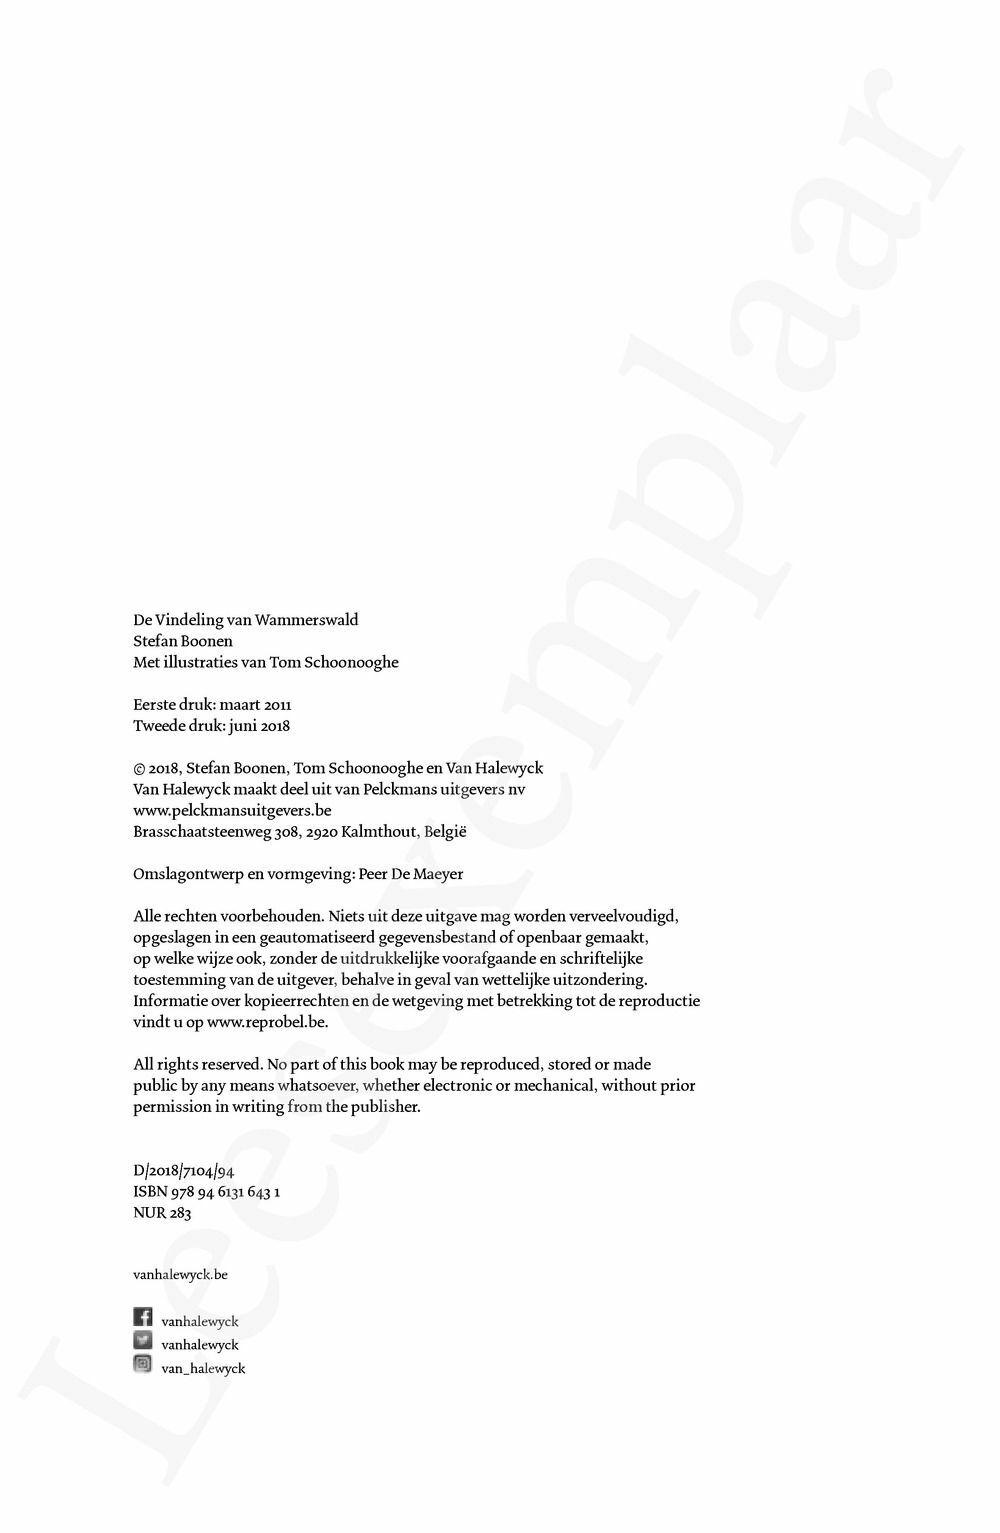 Preview: De Vindeling van Wammerswald